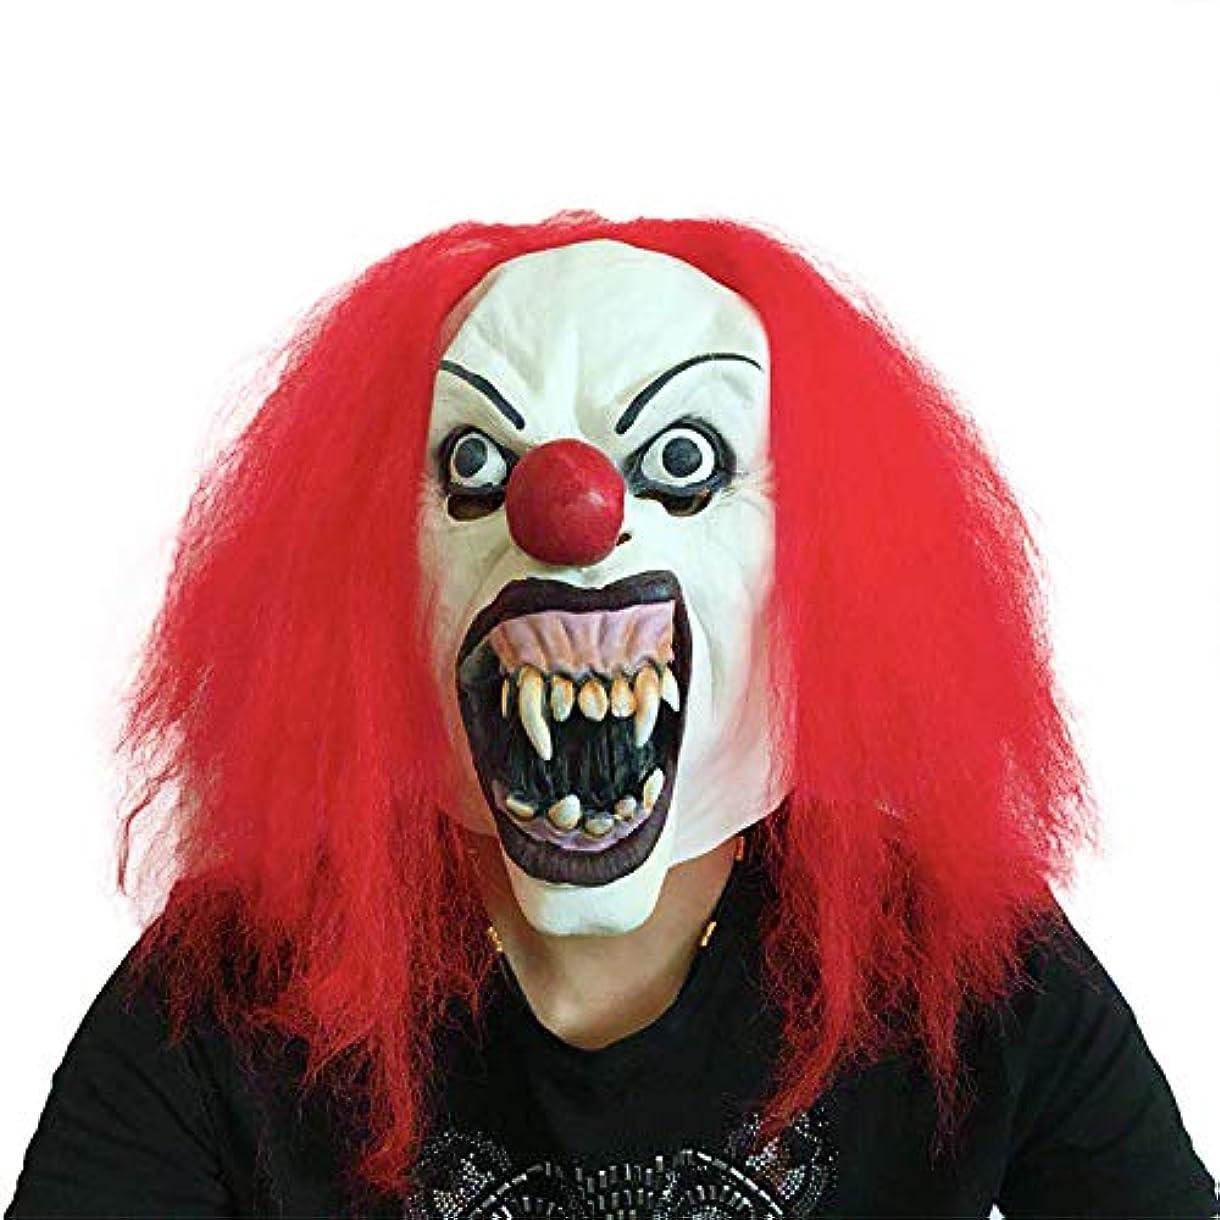 めんどり喜んでクリスマスハロウィーン仮装パフォーマンスをマスクおかしいピエロは、スプーフィング赤毛の幽霊を怖い小道具ショー